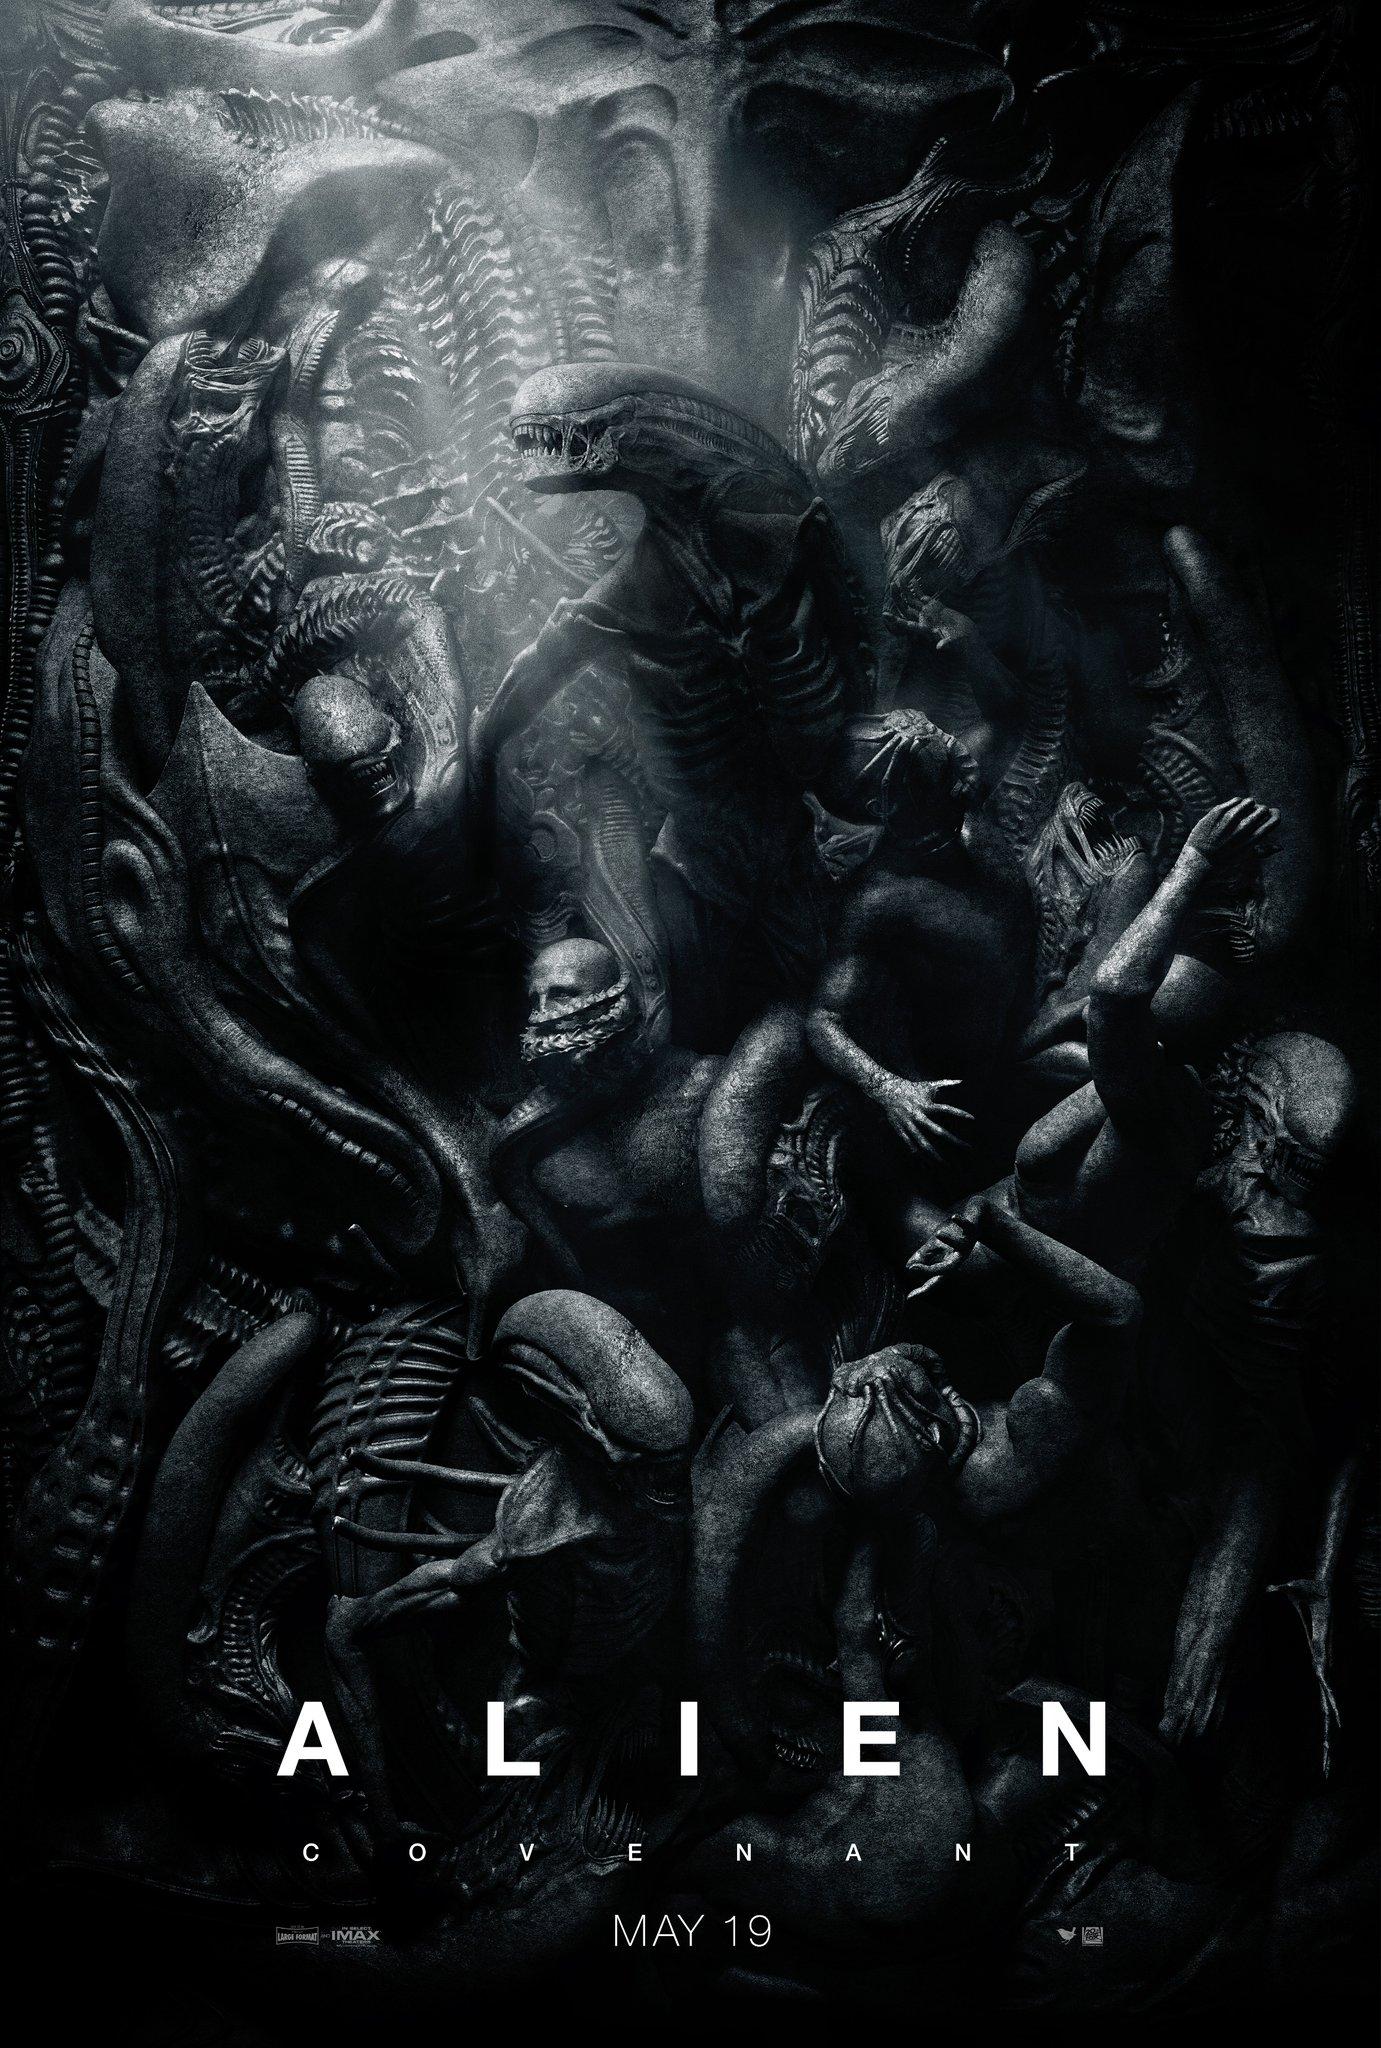 alien_covenant_poster.jpg